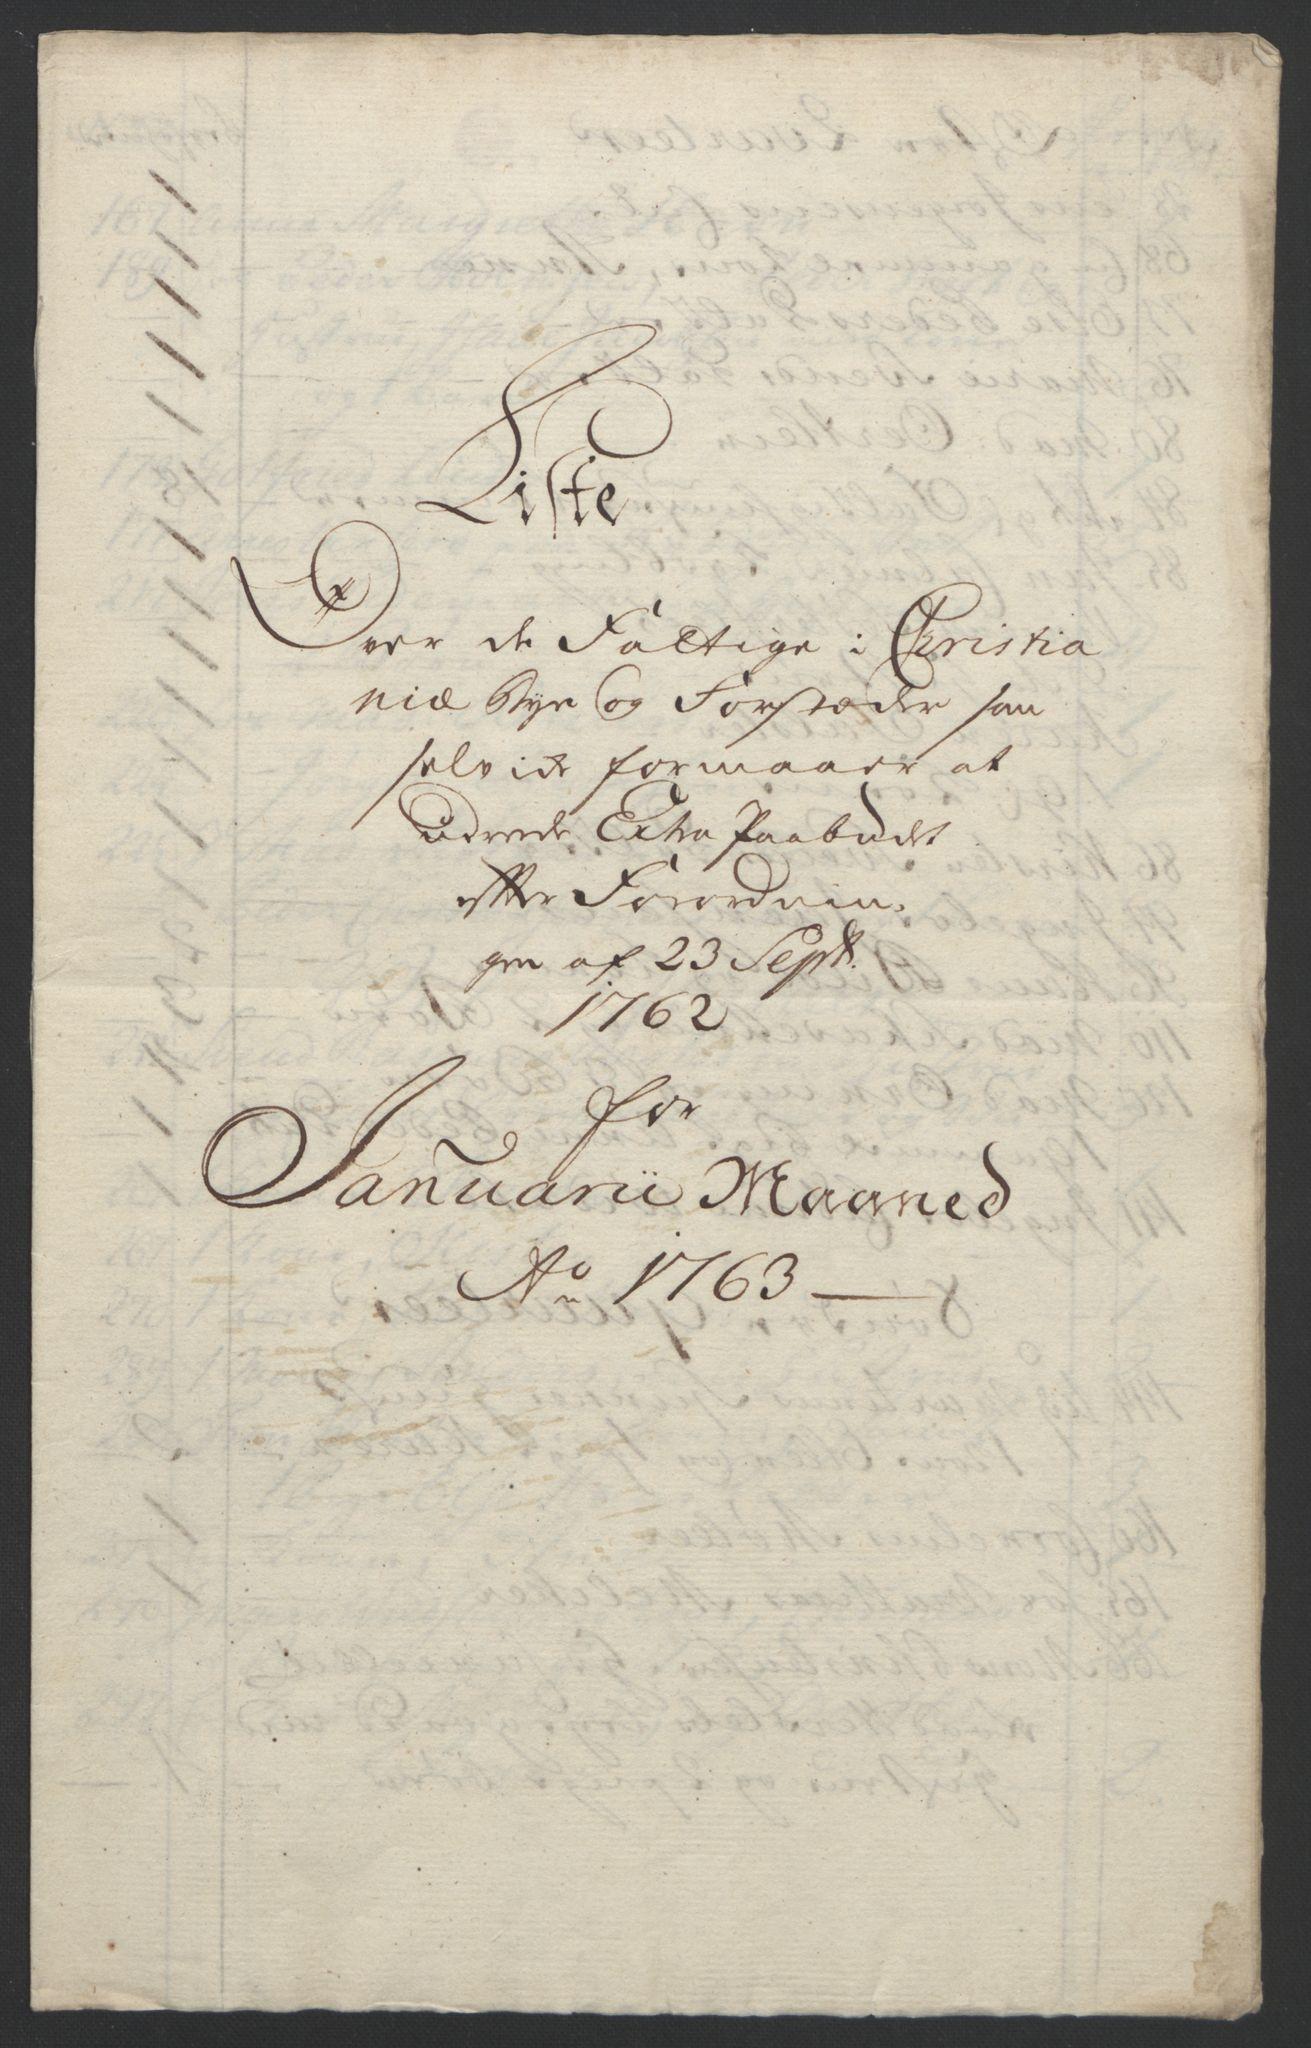 RA, Rentekammeret inntil 1814, Reviderte regnskaper, Byregnskaper, R/Re/L0072: [E13] Kontribusjonsregnskap, 1763-1764, s. 43